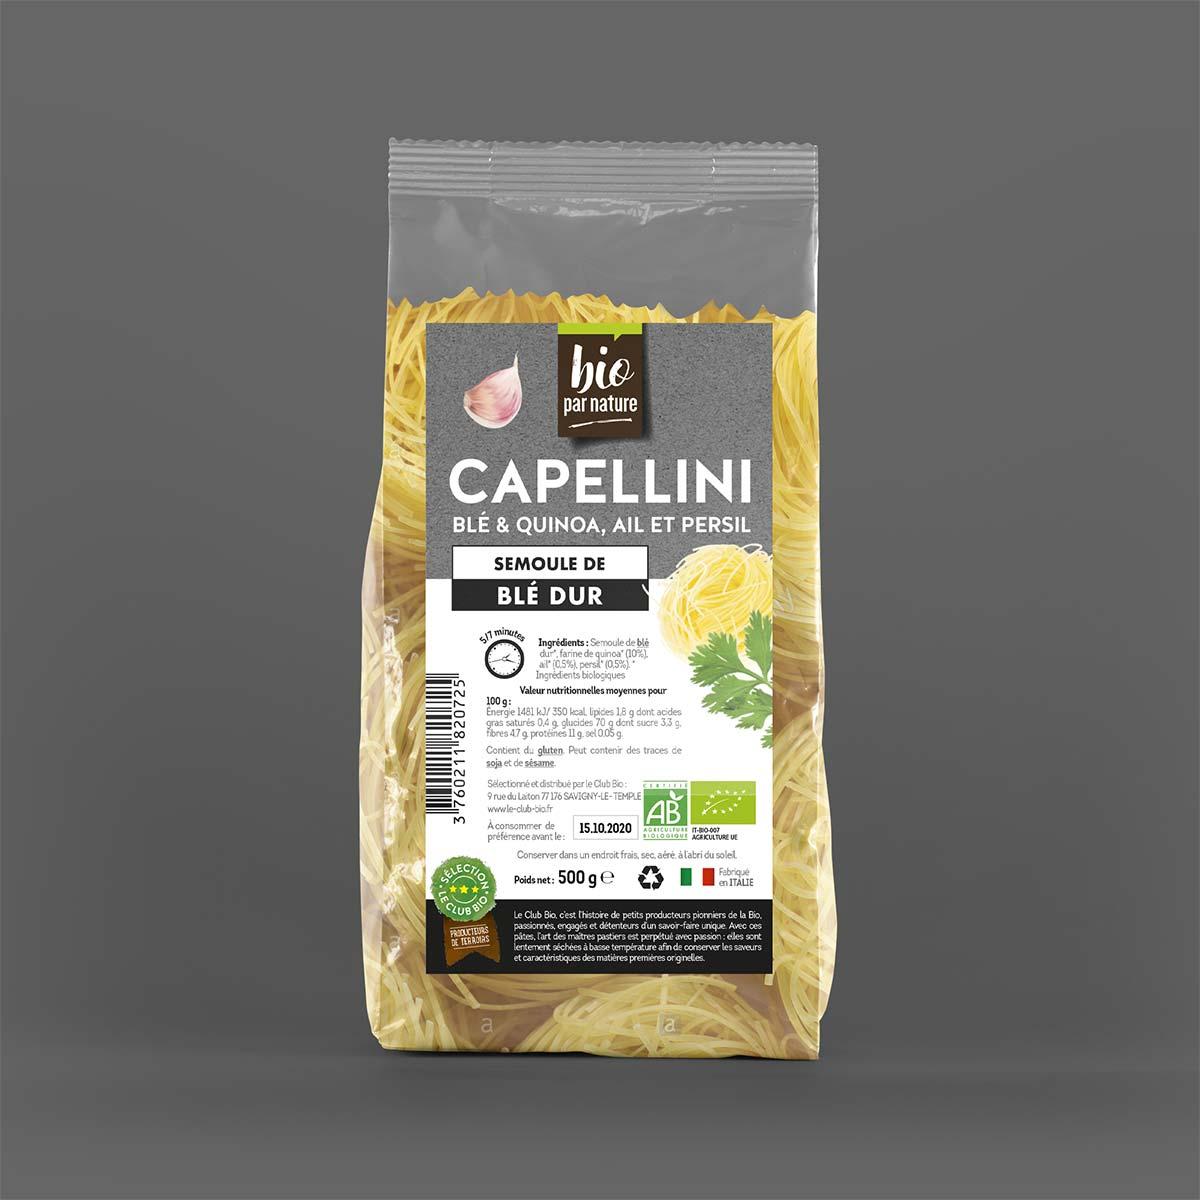 Bio par nature capellini